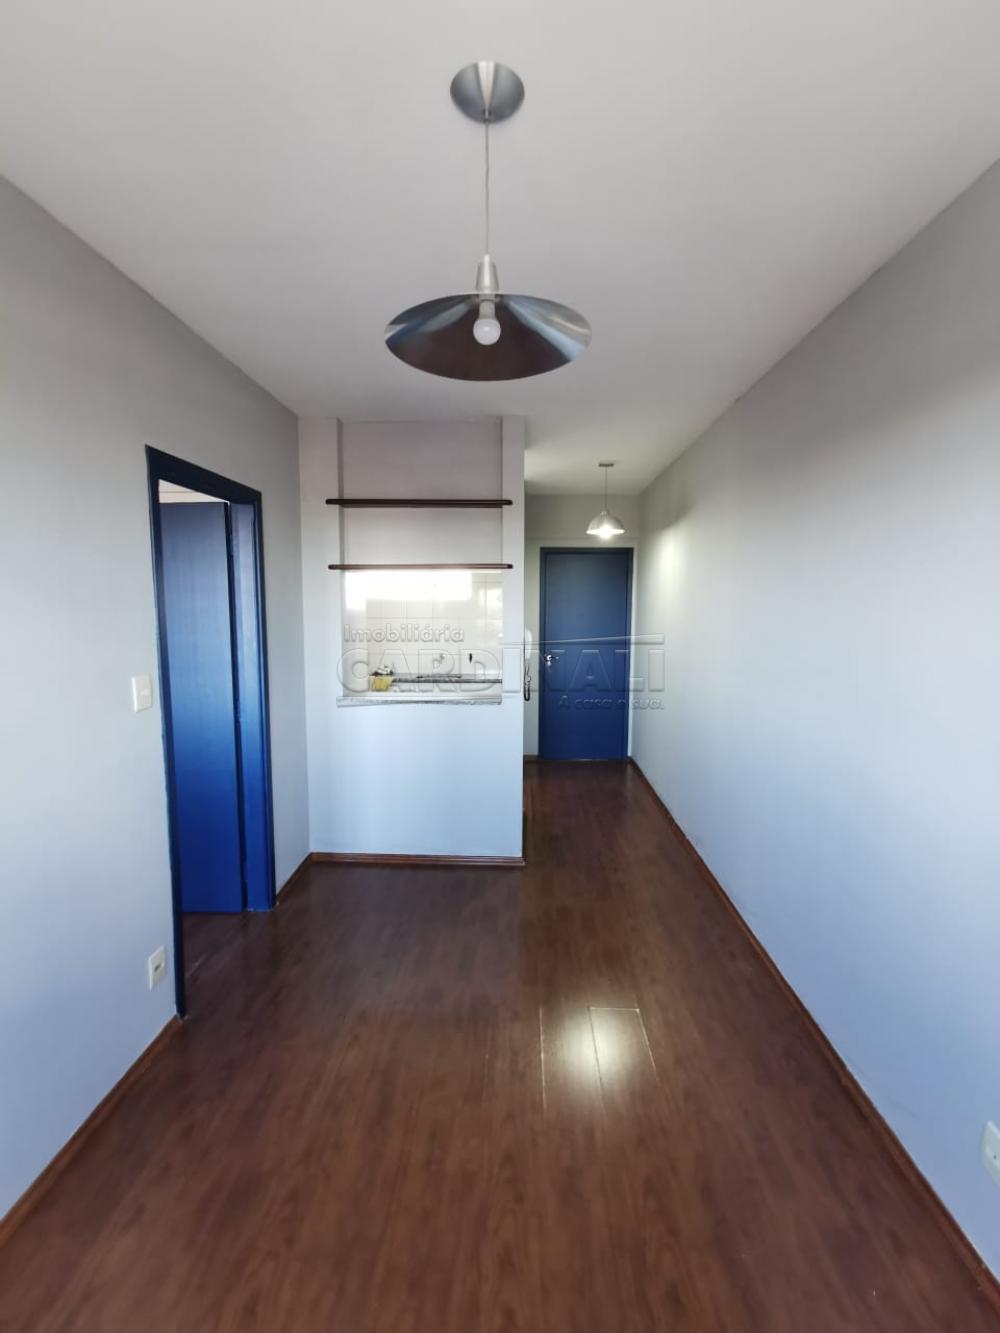 Alugar Apartamento / Padrão em Araraquara R$ 700,00 - Foto 12